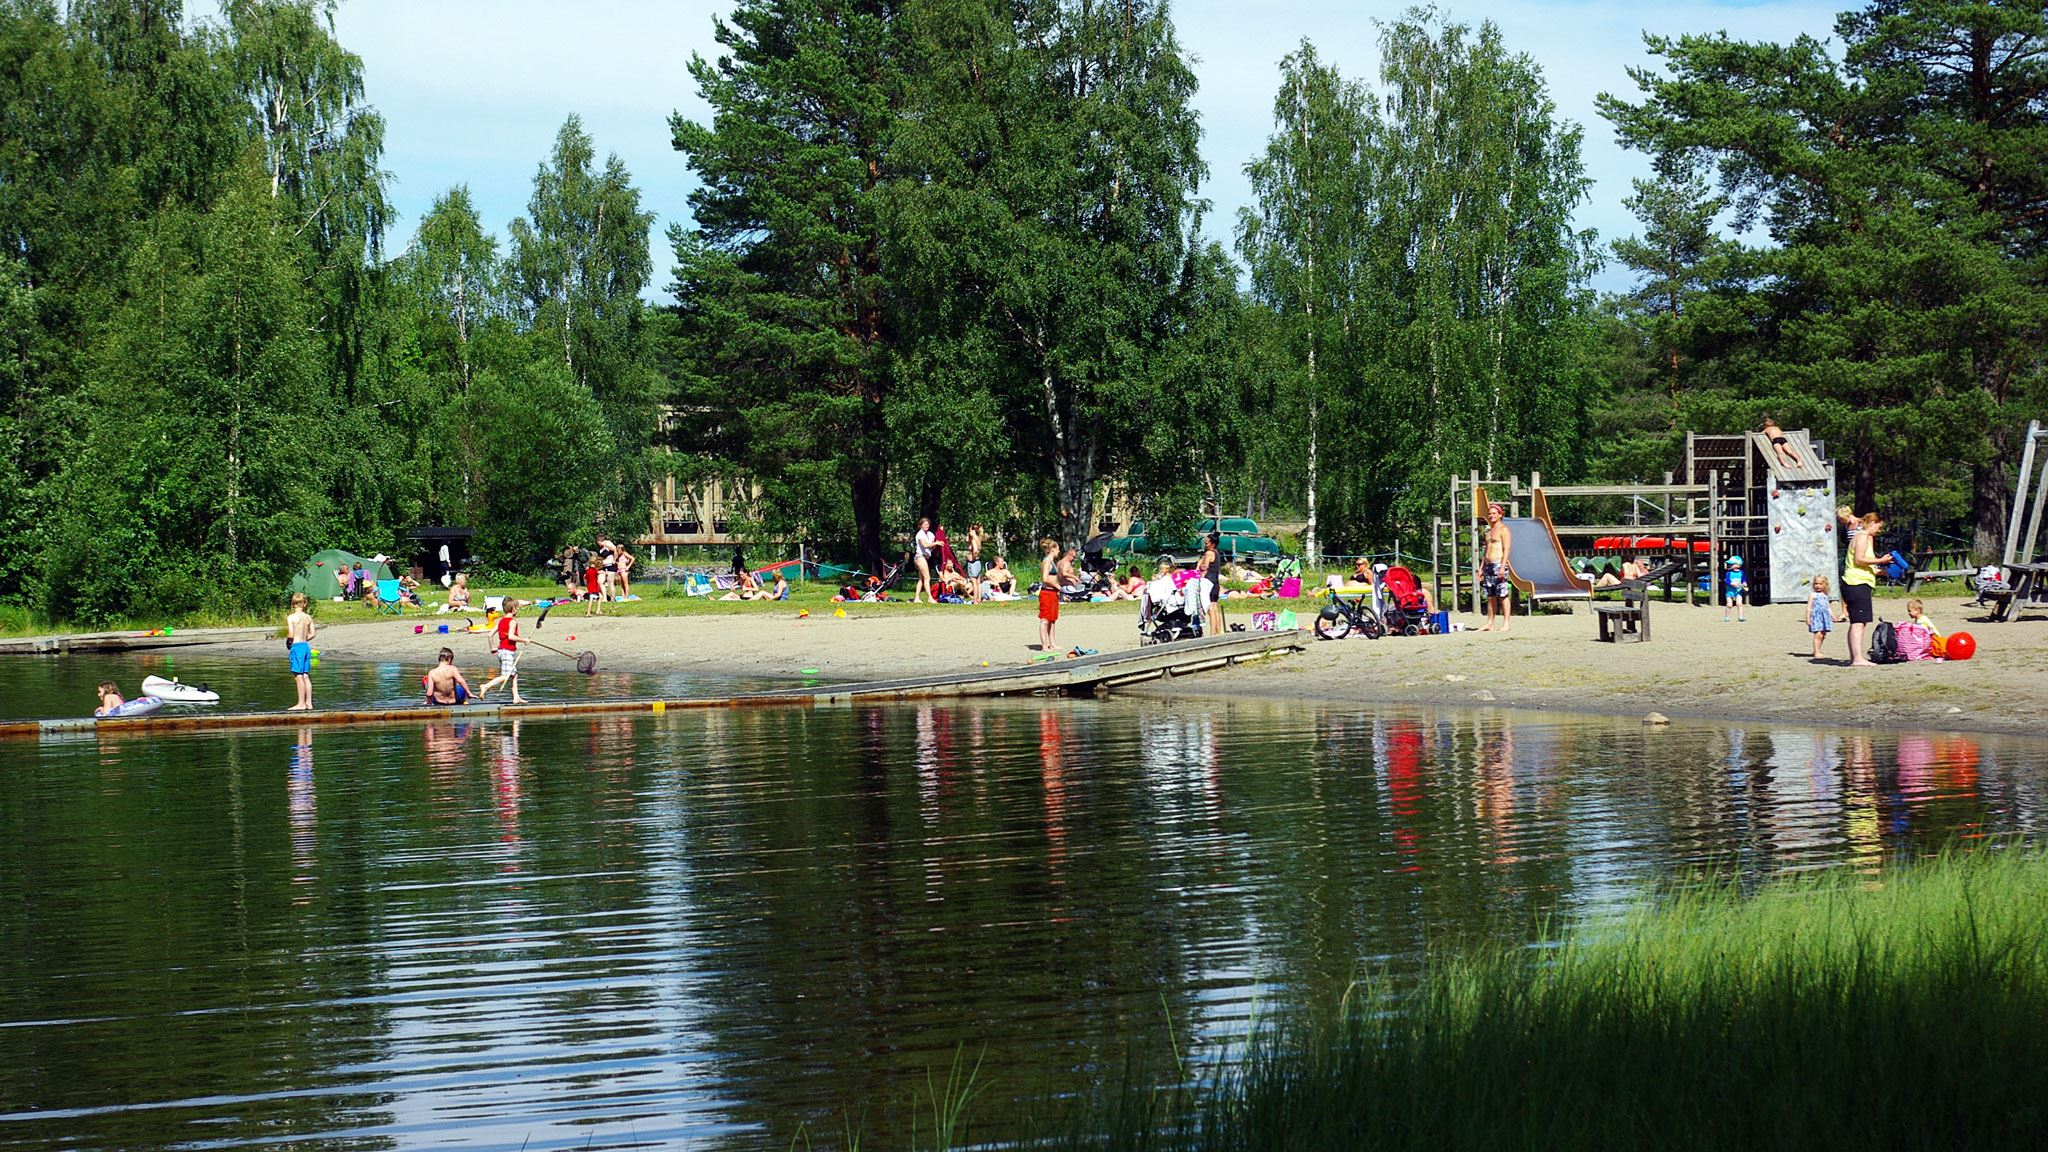 Foto: Lits Camping,  © Copy: Lits Camping, Välbesökt badplats under fina sommardagar